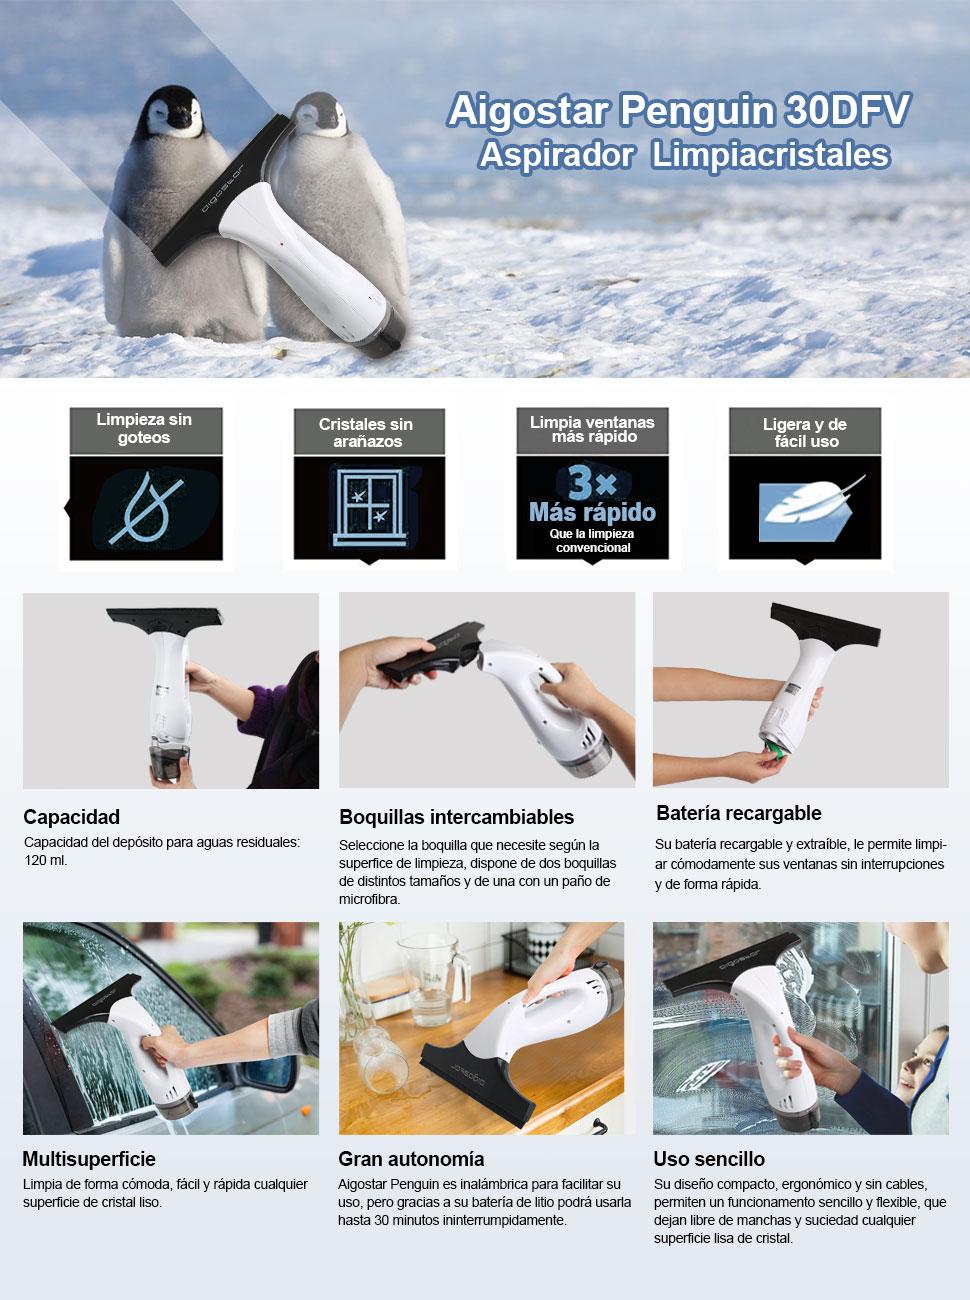 Aigostar Penguin 30DFV – 12W Aspirador limpiacristales especialmente diseñado para limpiar ventanas. Inalámbrico, incluye vaporizador, boquilla con paño de microfibra y aspiradoras intercambiables: Amazon.es: Hogar